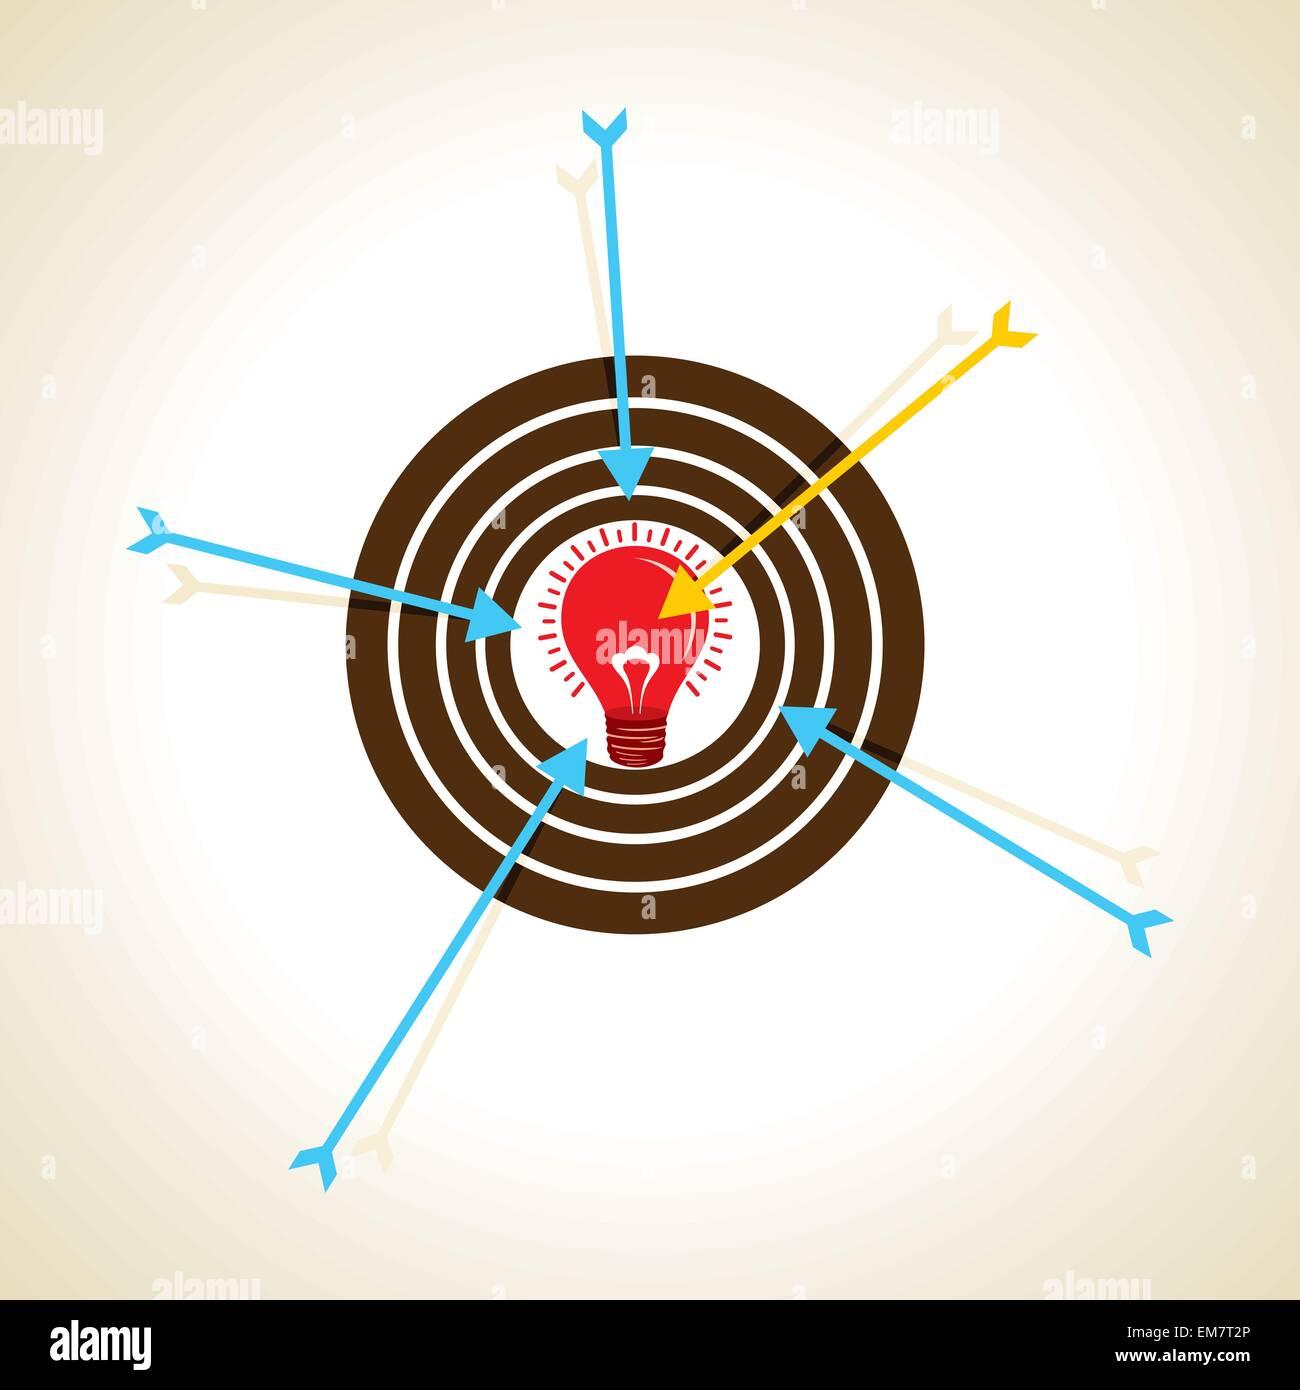 Messa a fuoco a freccia sulla nuova idea concept Immagini Stock